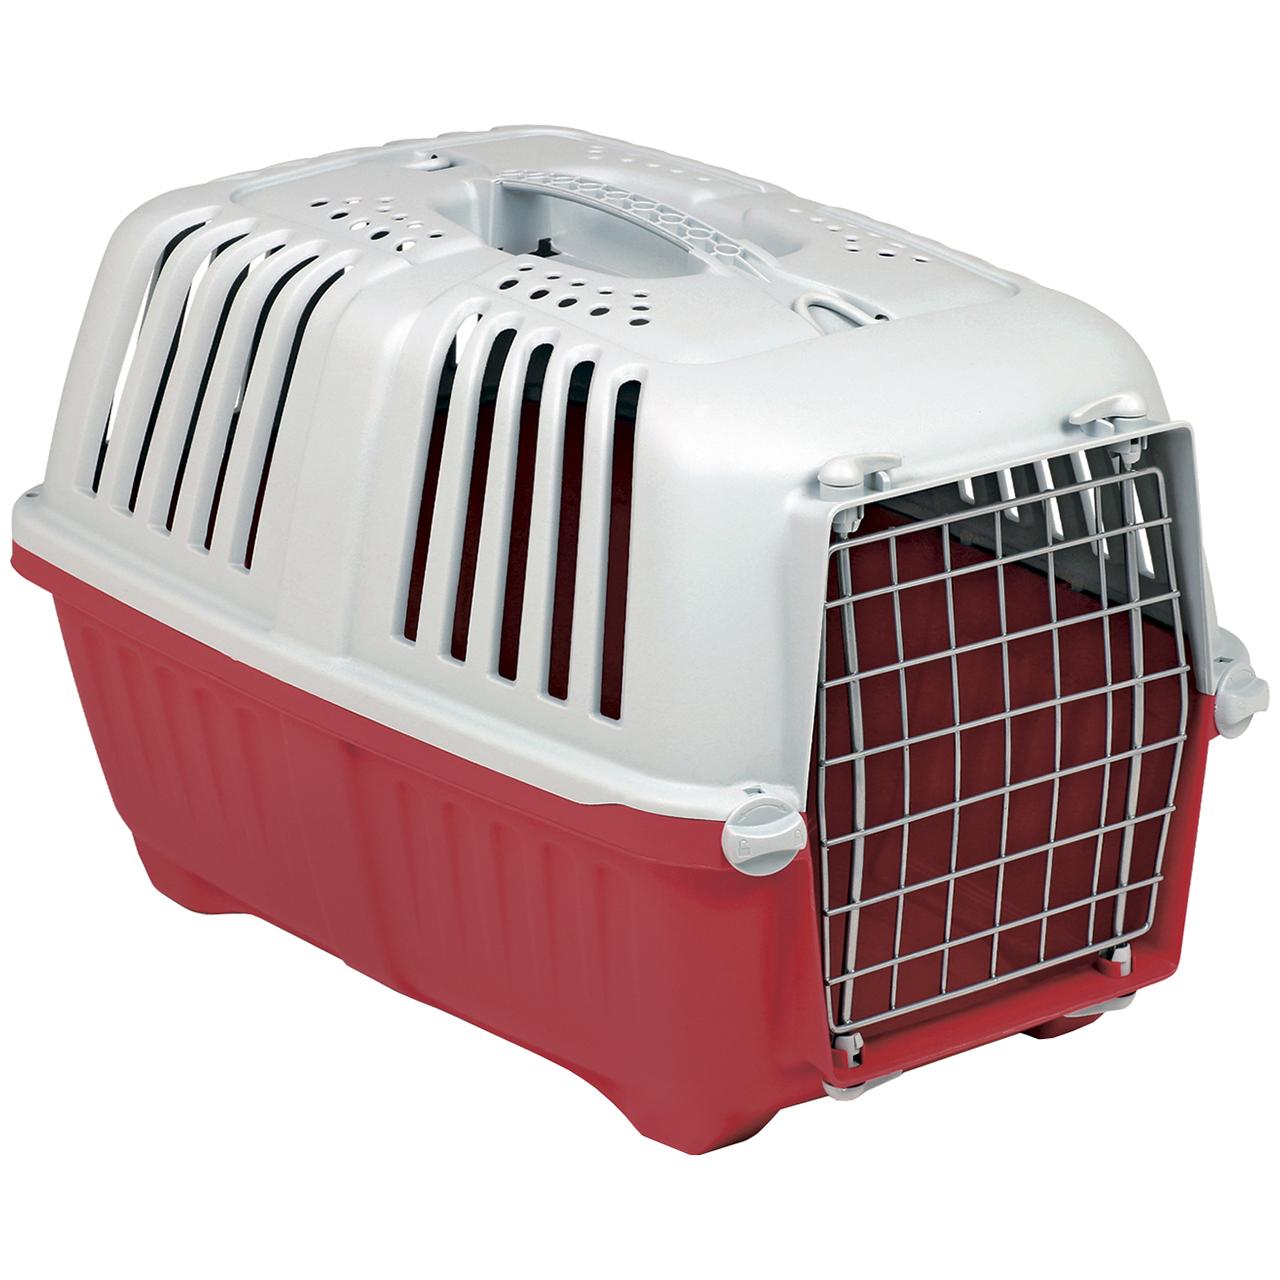 باکس حمل سگ و گربه ام پی اس 2 مدل پراتیکو 1 با در فلزی